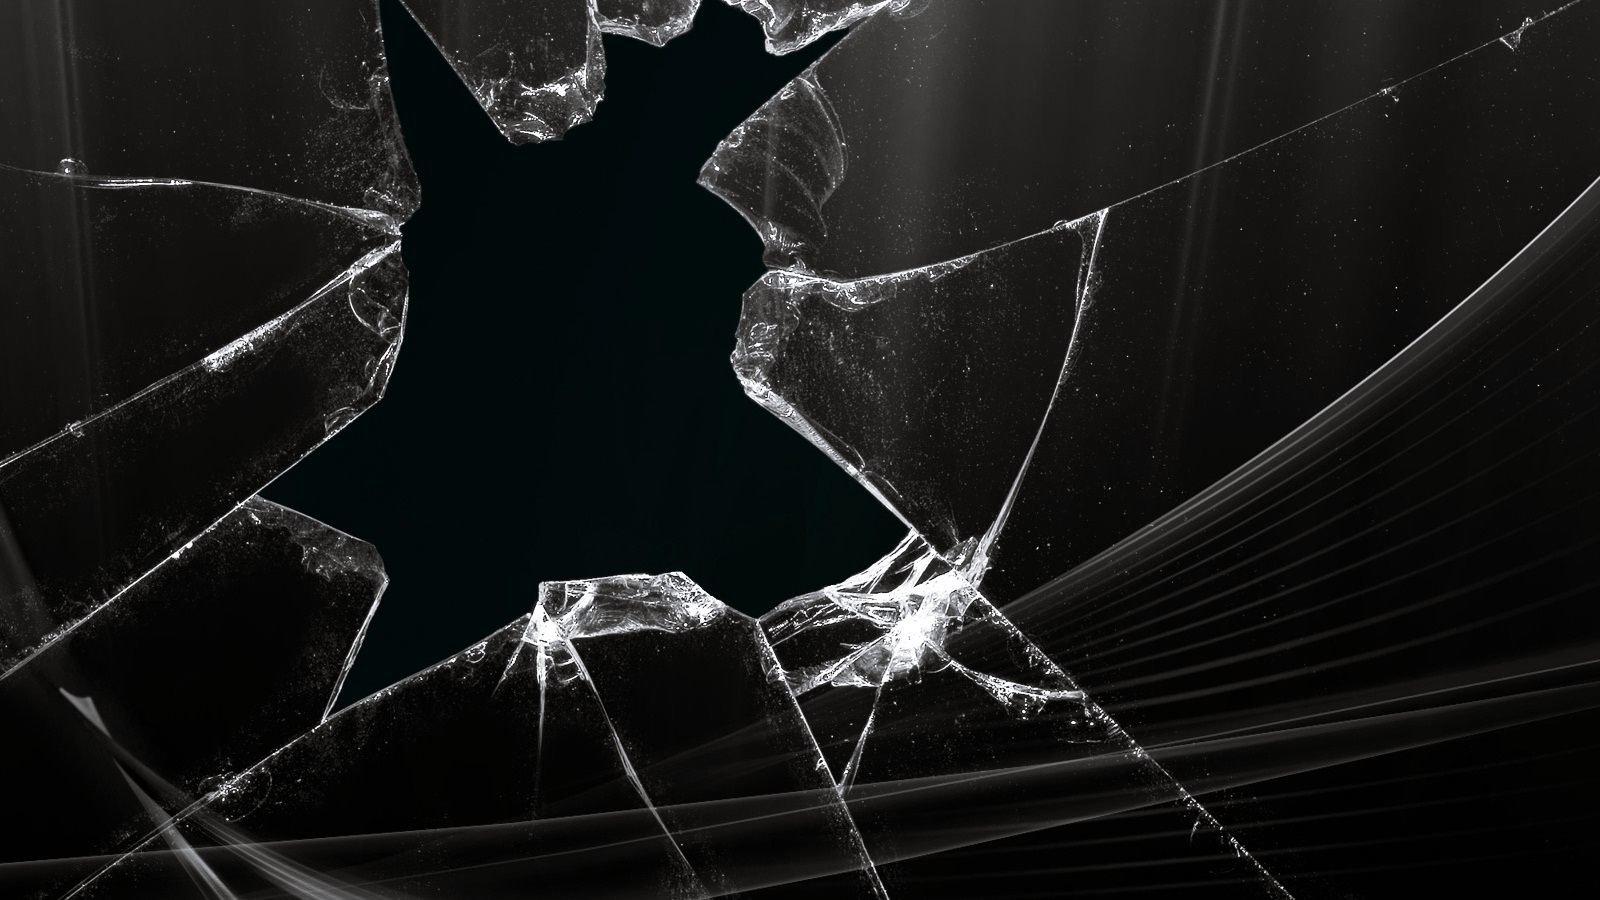 Cracked screen broken wallpapers 1600x900 desktop backgrounds cracked screen broken hd backgrounds for 1600x900 desktop voltagebd Images